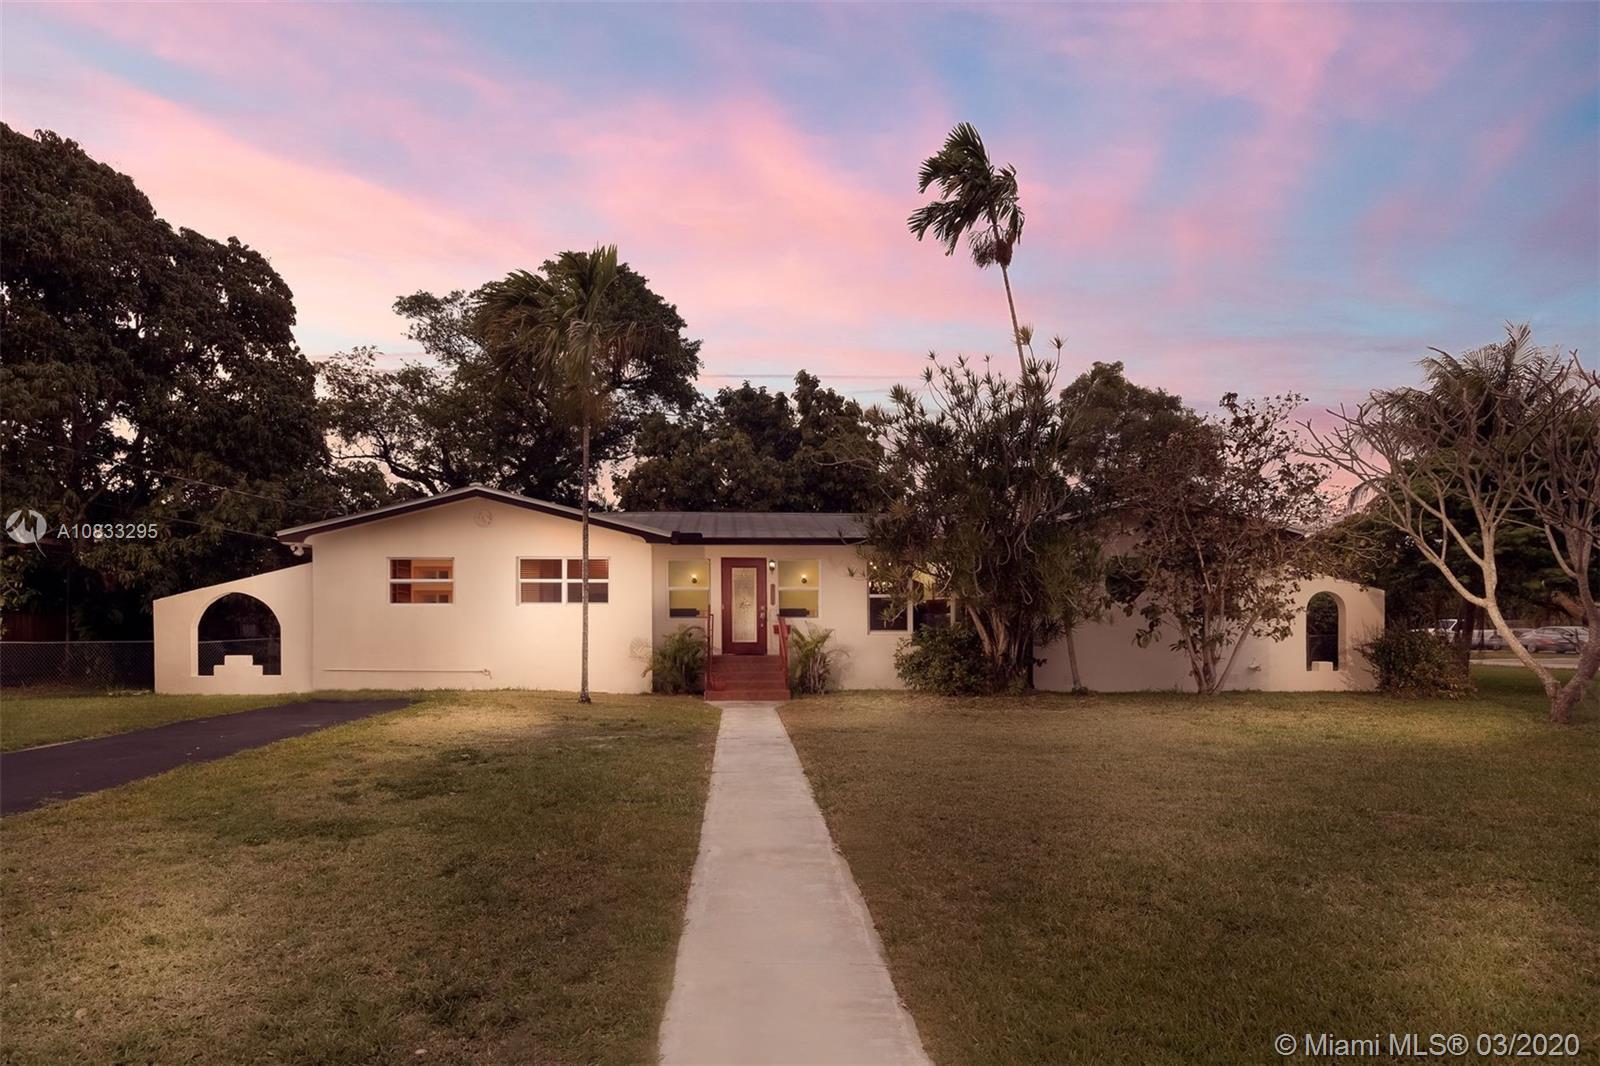 885 NE 111th St, Biscayne Park, FL 33161 - Biscayne Park, FL real estate listing